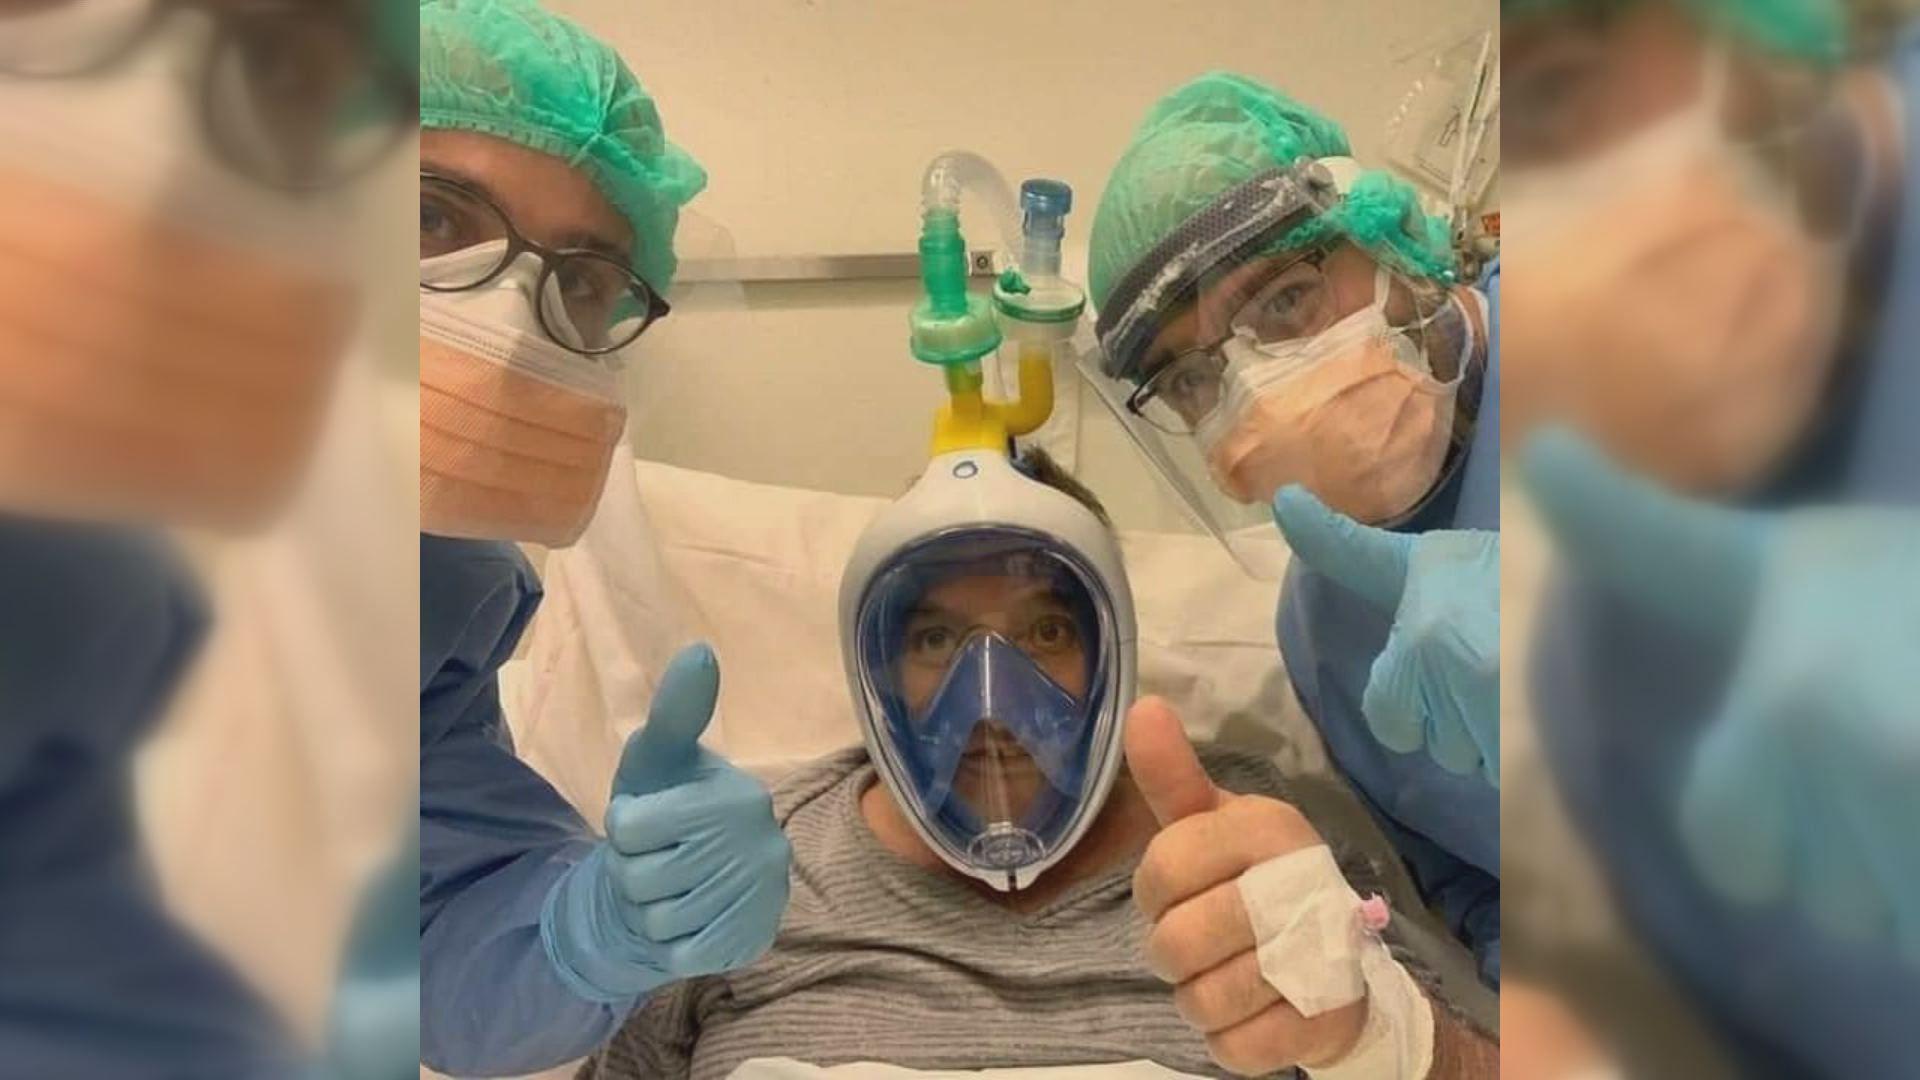 Paciente en un hospital ingresado con coronavirus con la escafandra que comercializa Decathlon adaptada a un respirador artificial